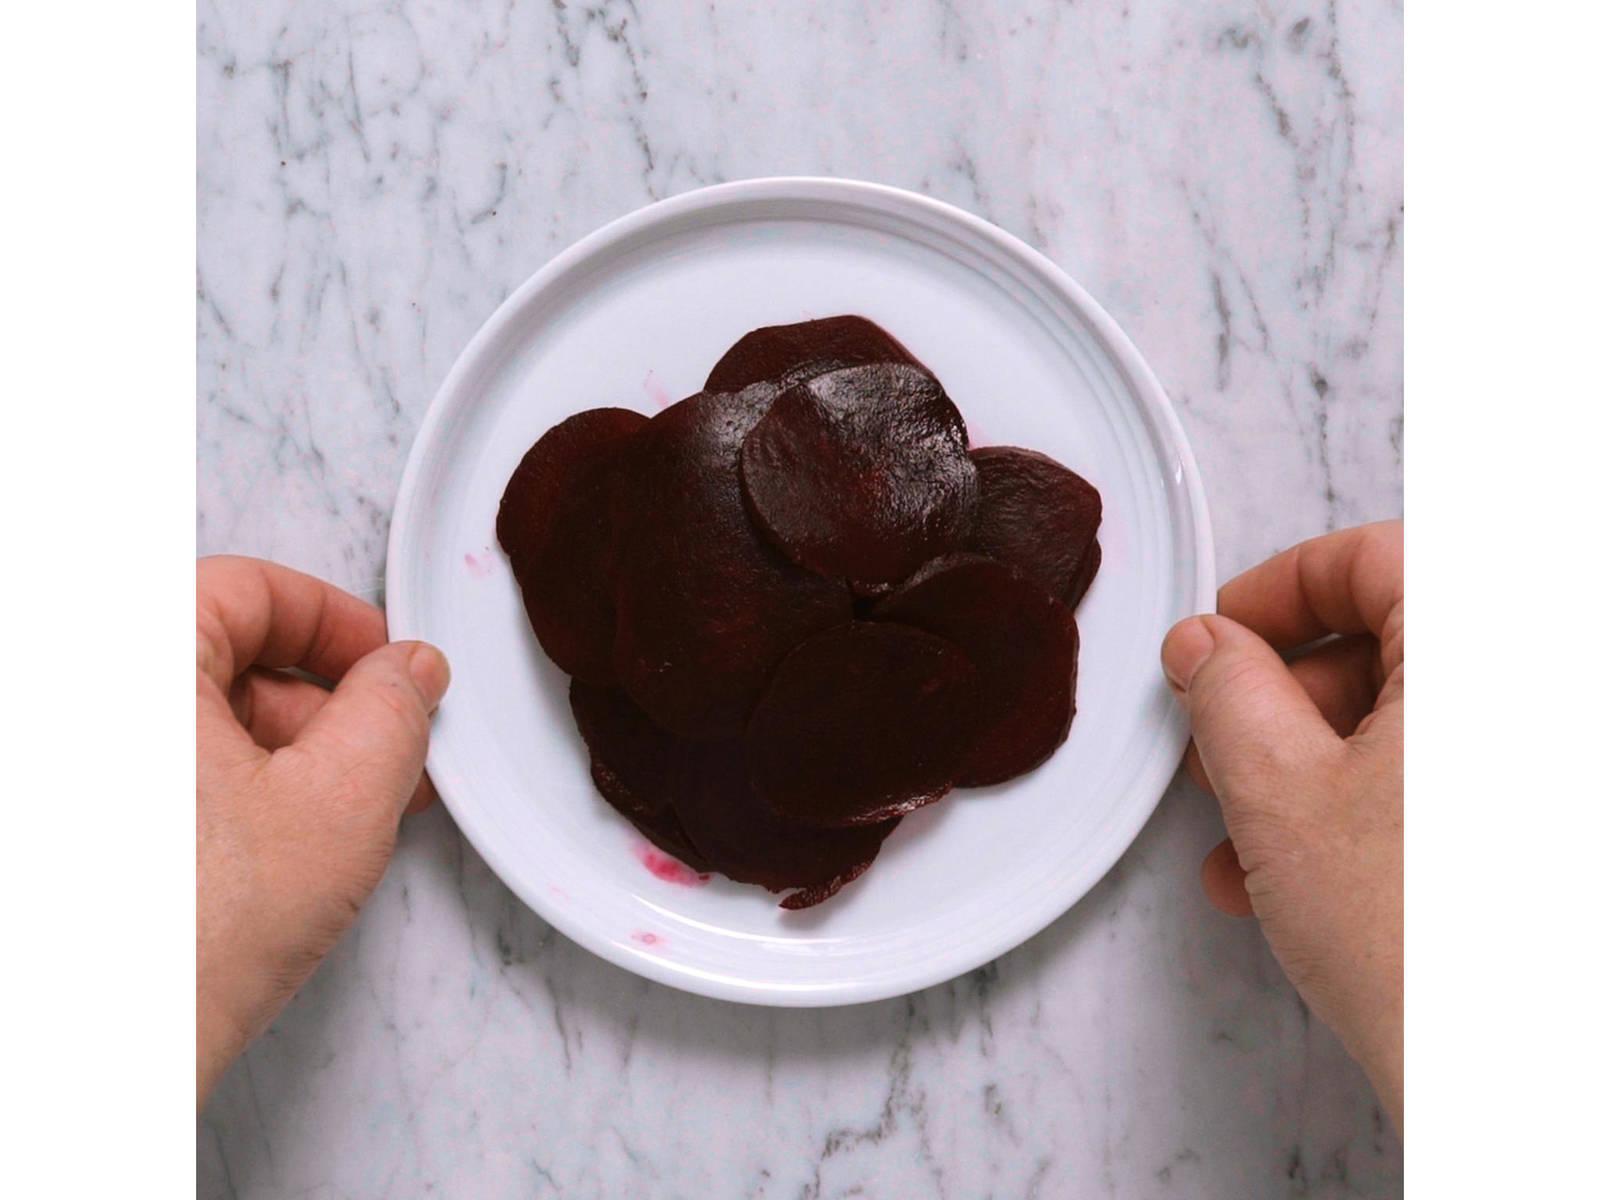 Für das Carpaccio, Rote Bete mit dem Gemüsehobel in dünne Scheiben schneiden. In einer kleinen Schüssel, Reisessig, Olivenöl und Honig verquirlen. Mit Salz und Cayennepfeffer abschmecken. Beiseitestellen.